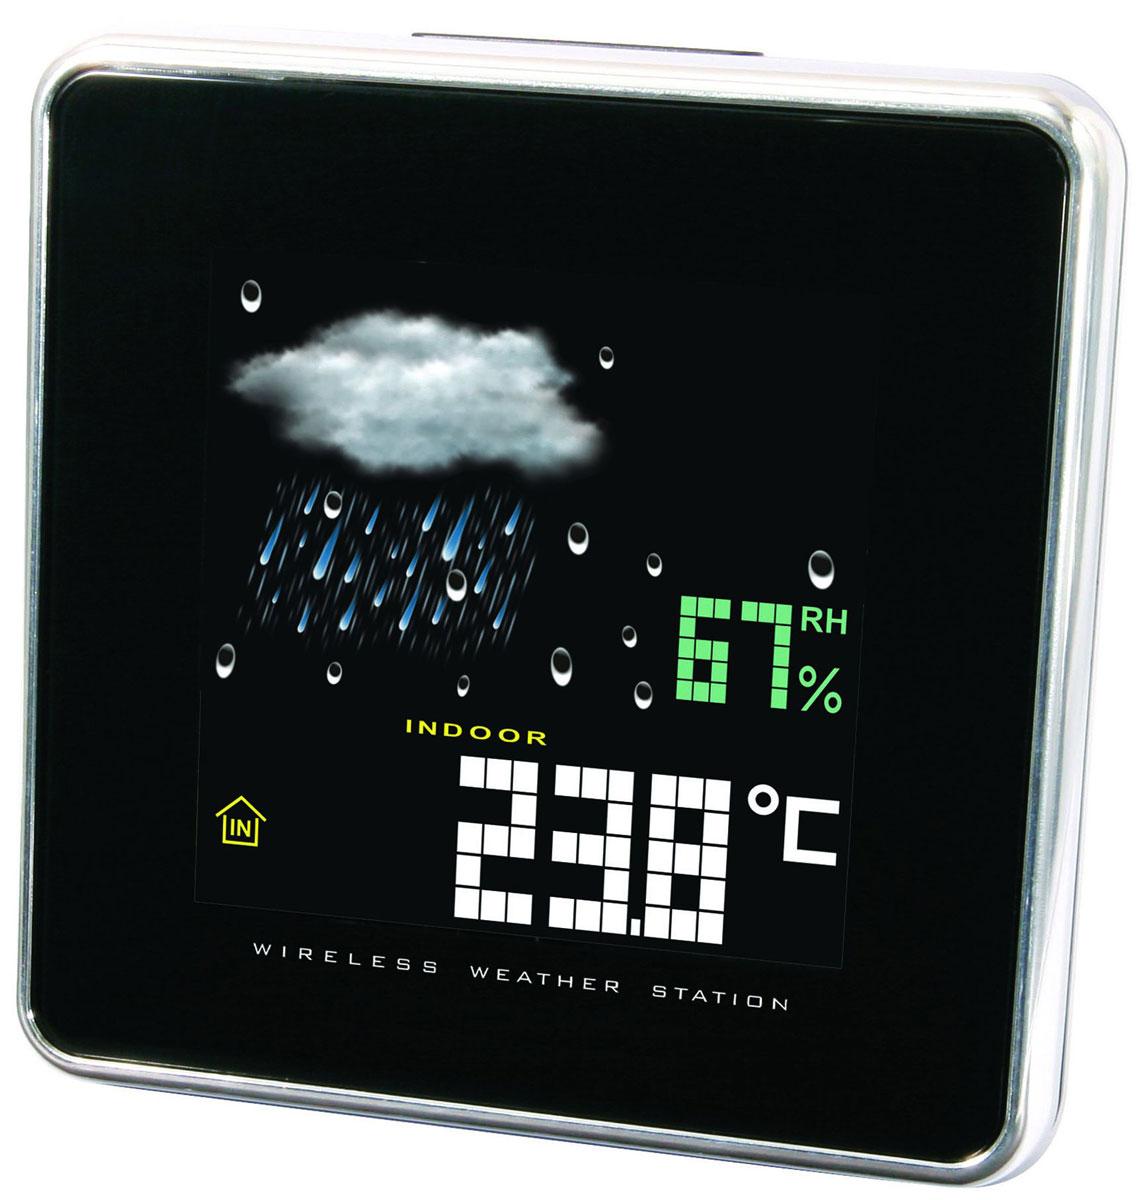 Uniel UTV-64 метеостанцияUTV-64Хотите утром узнать прогноз погоды, не вставая с кровати? Компактная настольная метеостанция Uniel UTV-64 станет отличным приобретением! Гаджет оснащен анимированным дисплеем, на котором отображается информация о температуре за окном, наличии или отсутствии осадков, об атмосферном давлении и даже уровне относительной влажности. Более того, метеостанция оснащена часами, будильником и календарем.Компактные размерыМетеостанция с беспроводным датчикомЦветной ЖК дисплейВысокоточный барометрИзмерение комнатной температуры и влажностиТрехканальный беспроводной датчик измерения температуры и влажностиАнимированный прогноз погодыЧасы с 12/24 форматом времени